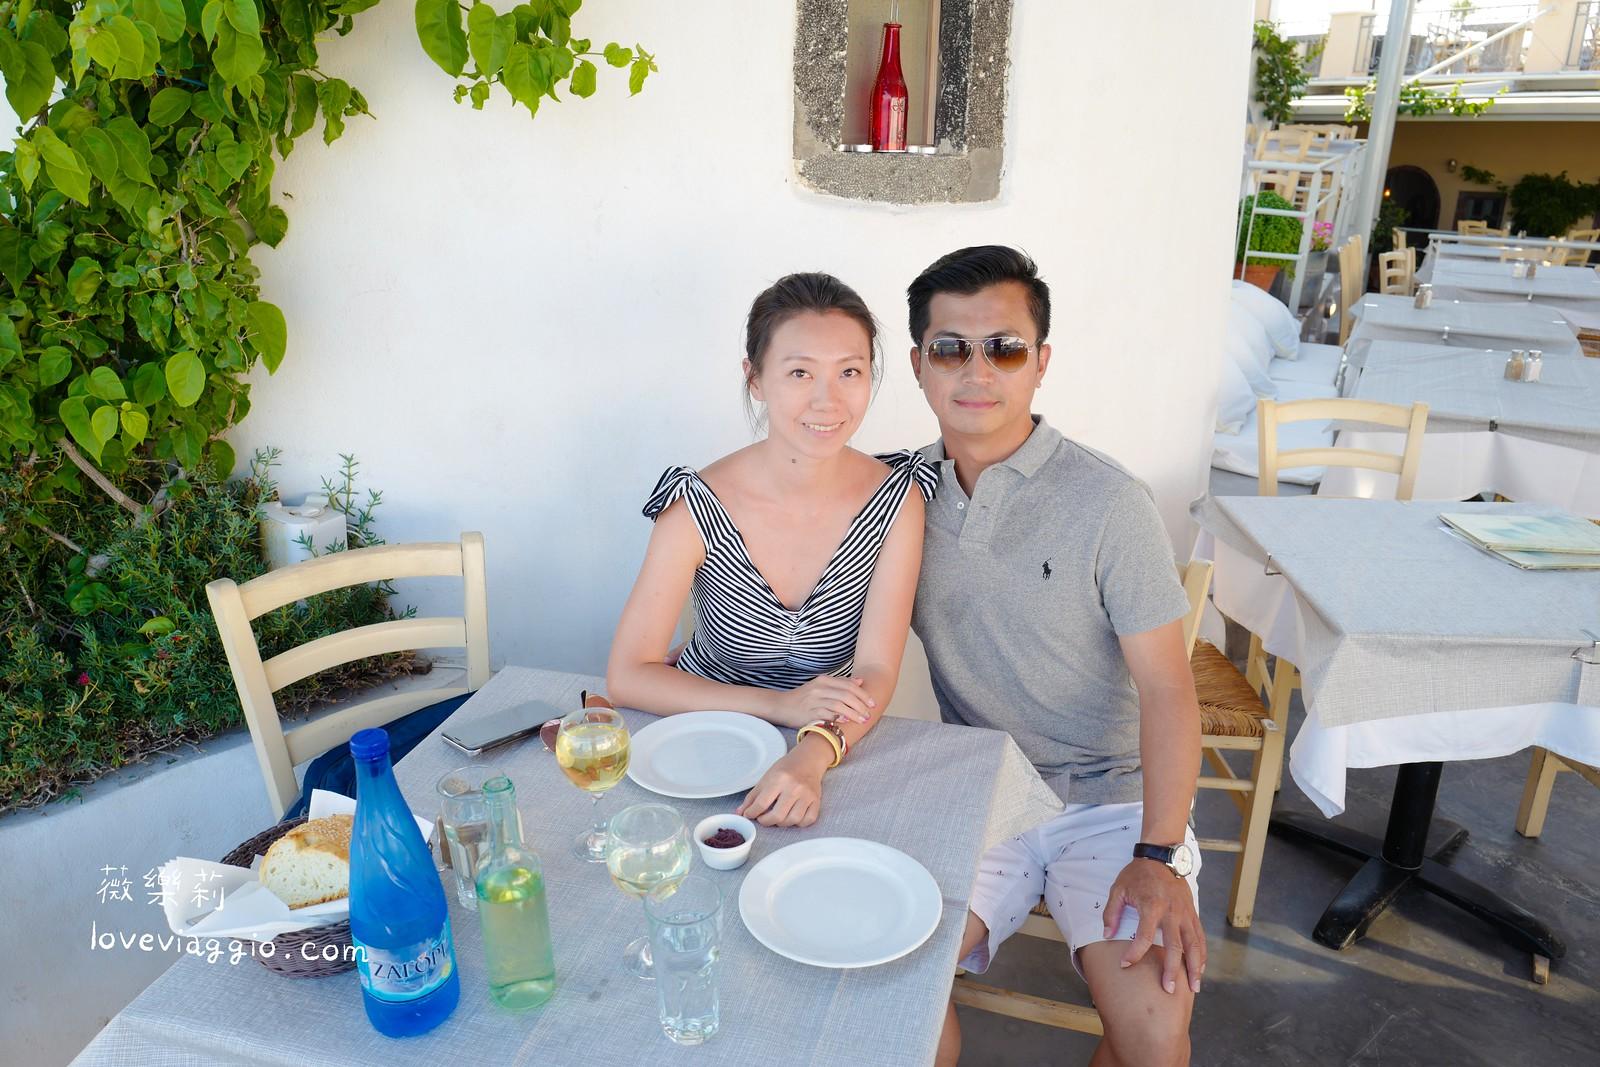 【希臘聖托里尼 Santorini】SKALA 晚餐 伊亞Oia大街海景餐廳 @薇樂莉 Love Viaggio | 旅行.生活.攝影